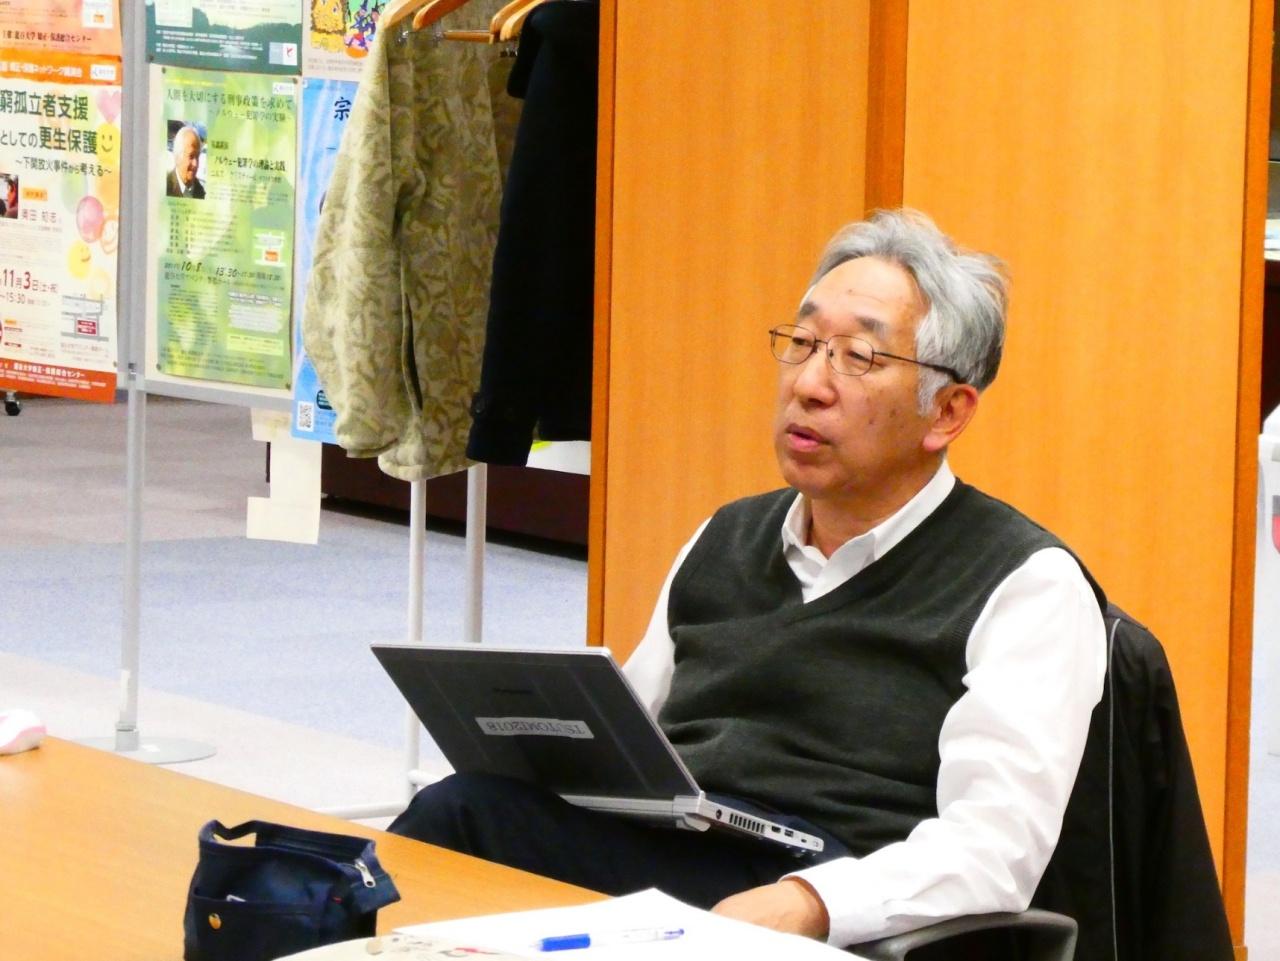 津富 宏 教授(静岡県立大学国際関係学部・犯罪学研究センター 「政策評価ユニット」メンバー)